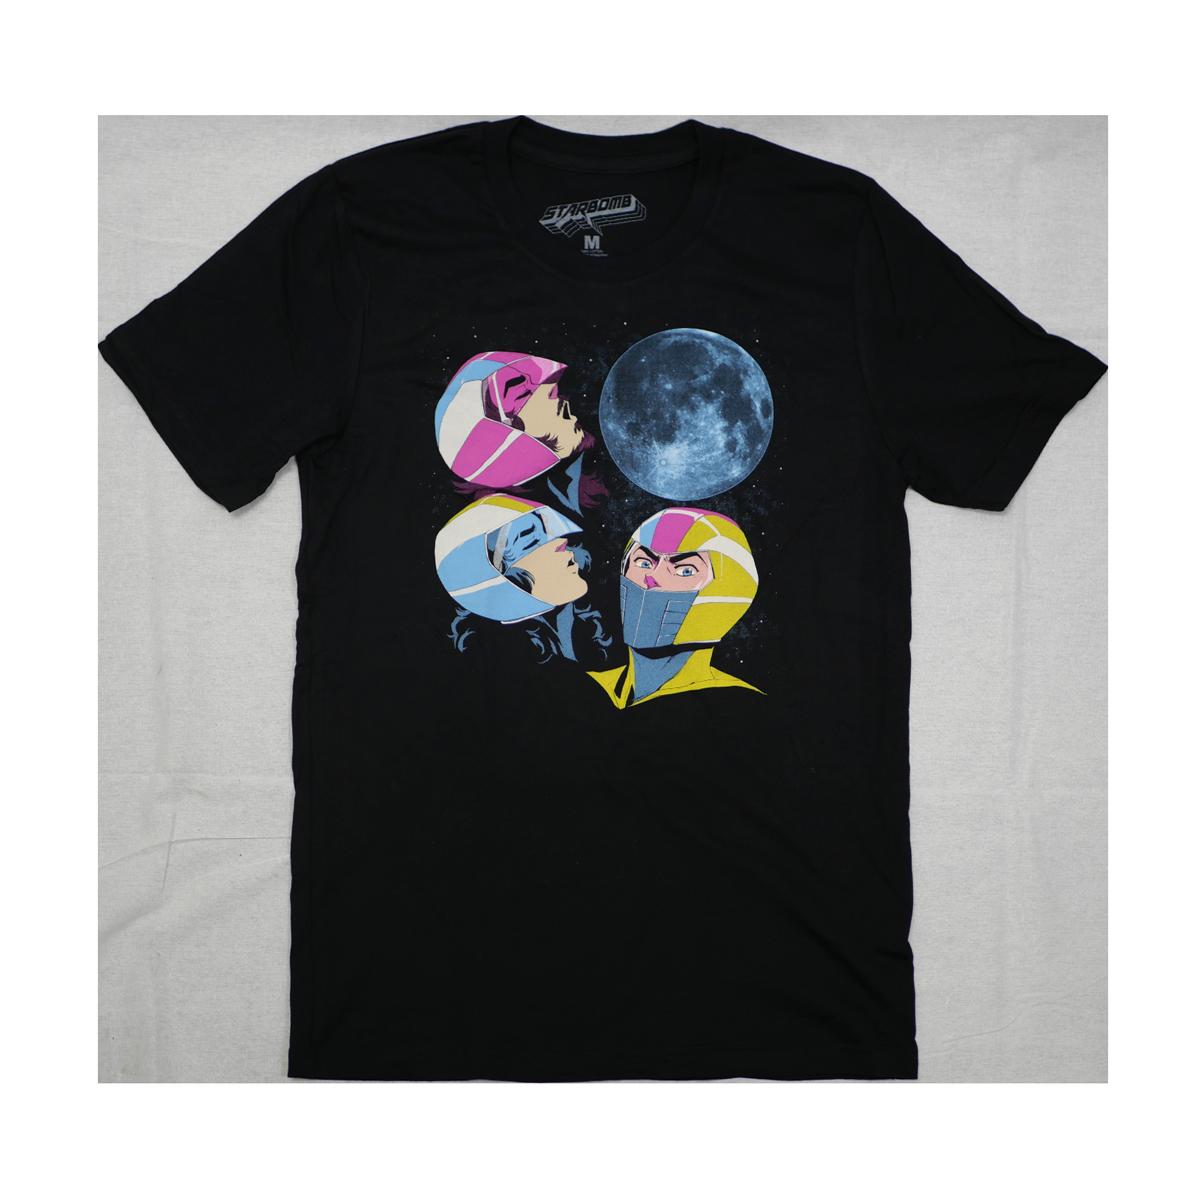 Starbomb Moon Tee